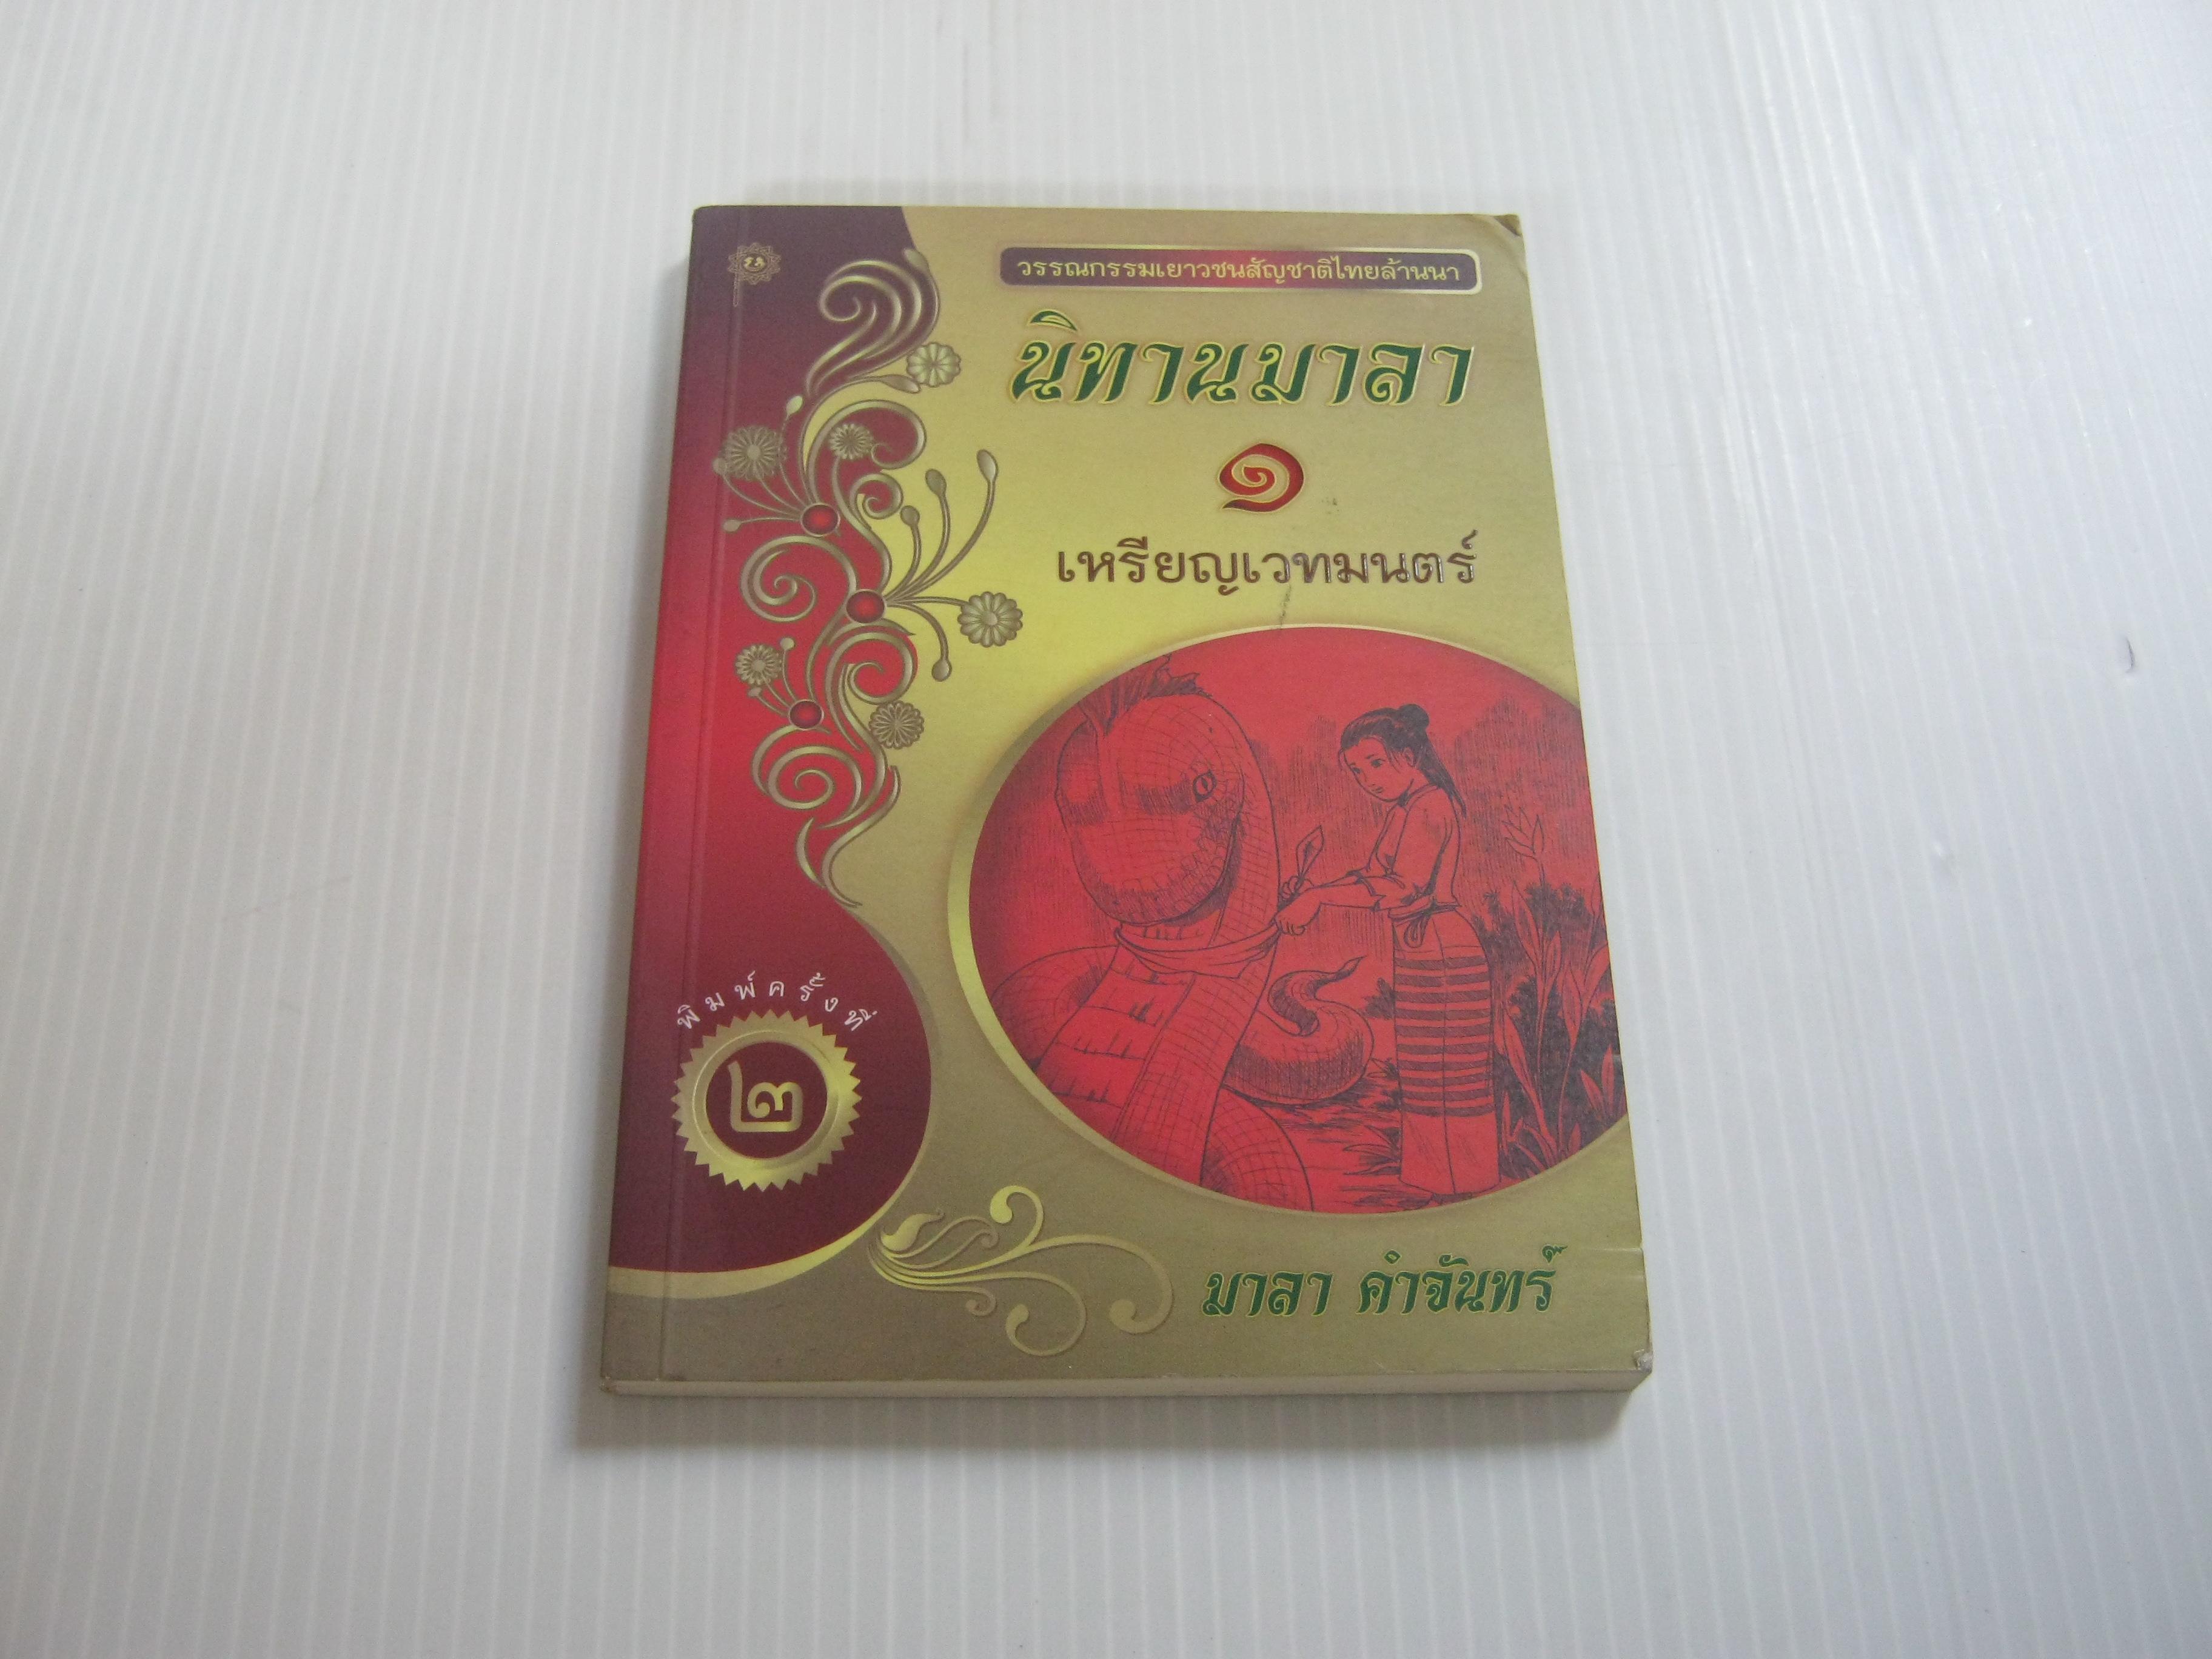 นิทานมาลา ๑ เหรียญเวทมนตร์ พิมพ์ครั้งที่ ๒ มาลา คำจันทร์ เขียน